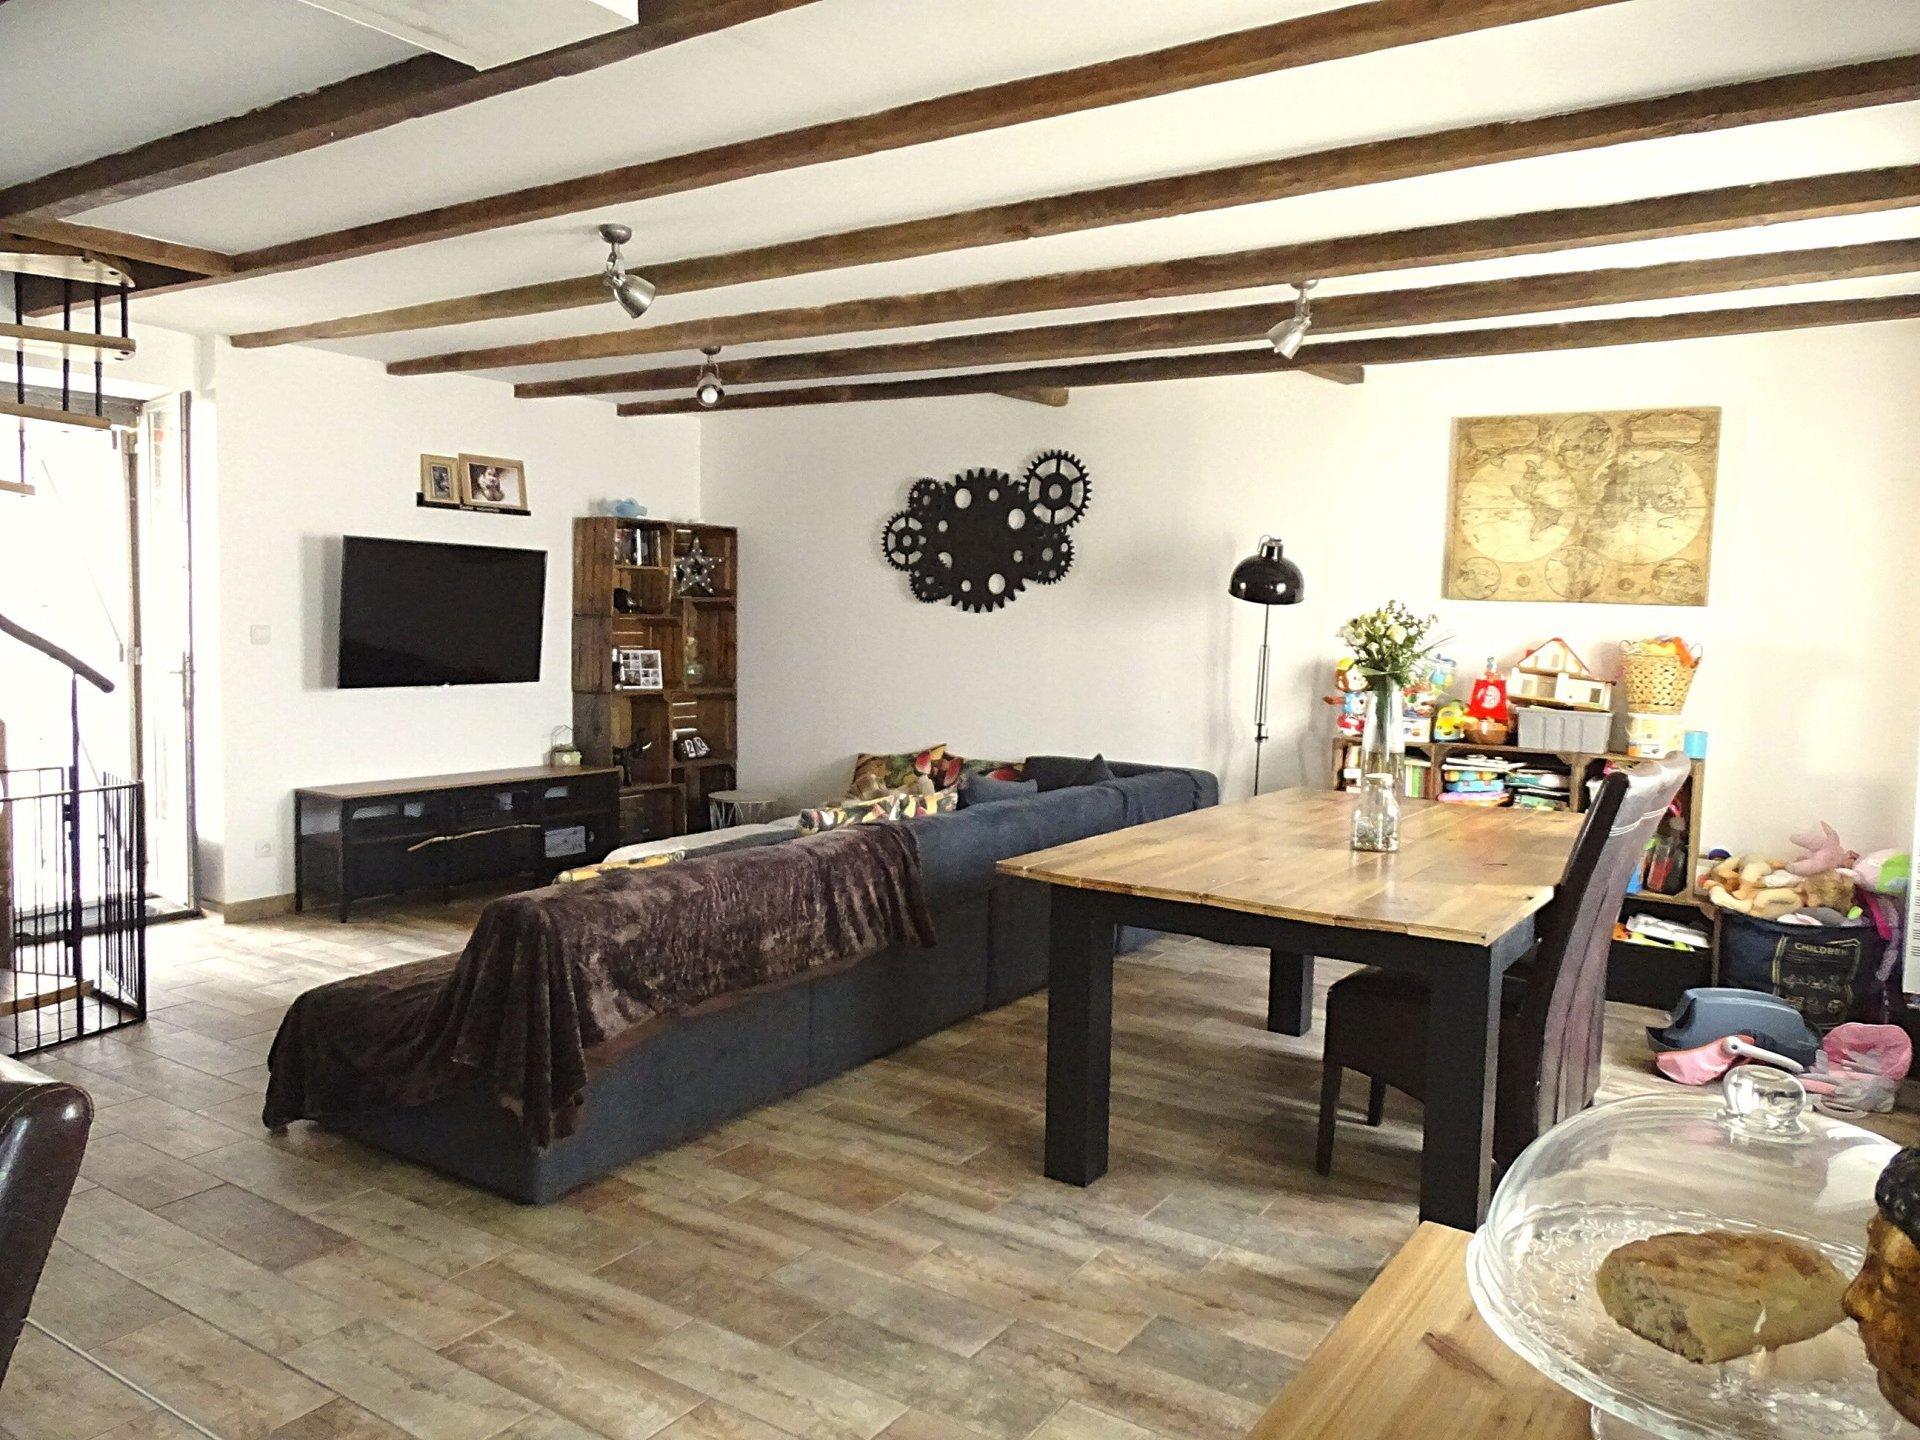 Replonges, à proximité de toutes les commodités, écoles et commerces, découvrez cette belle maison soigneusement rénovée bénéficiant de prestations de qualité. D'une surface de 162 m², elle dispose d'une spacieuse pièce de vie de 50 m² avec sa cuisine neuve aménagée et équipée, d'une vaste suite parentale avec dressing et salle de douche de 50 m² également. A l'étage, le coin nuit offre 3 chambres, une mezzanine, une salle de bains avec douche et baignoire, et un toilette séparé. Un garage, un atelier et autres dépendances complètent ce bien. De belles prestations sont à noter: l'électricité et la plomberie ont été refaites, chaudière gaz à condensation, climatisation réversible, terrain clos de 700 m² environ, terrasse à l'abri des regards... A visiter sans tarder!! Honoraires à la charge du vendeur.